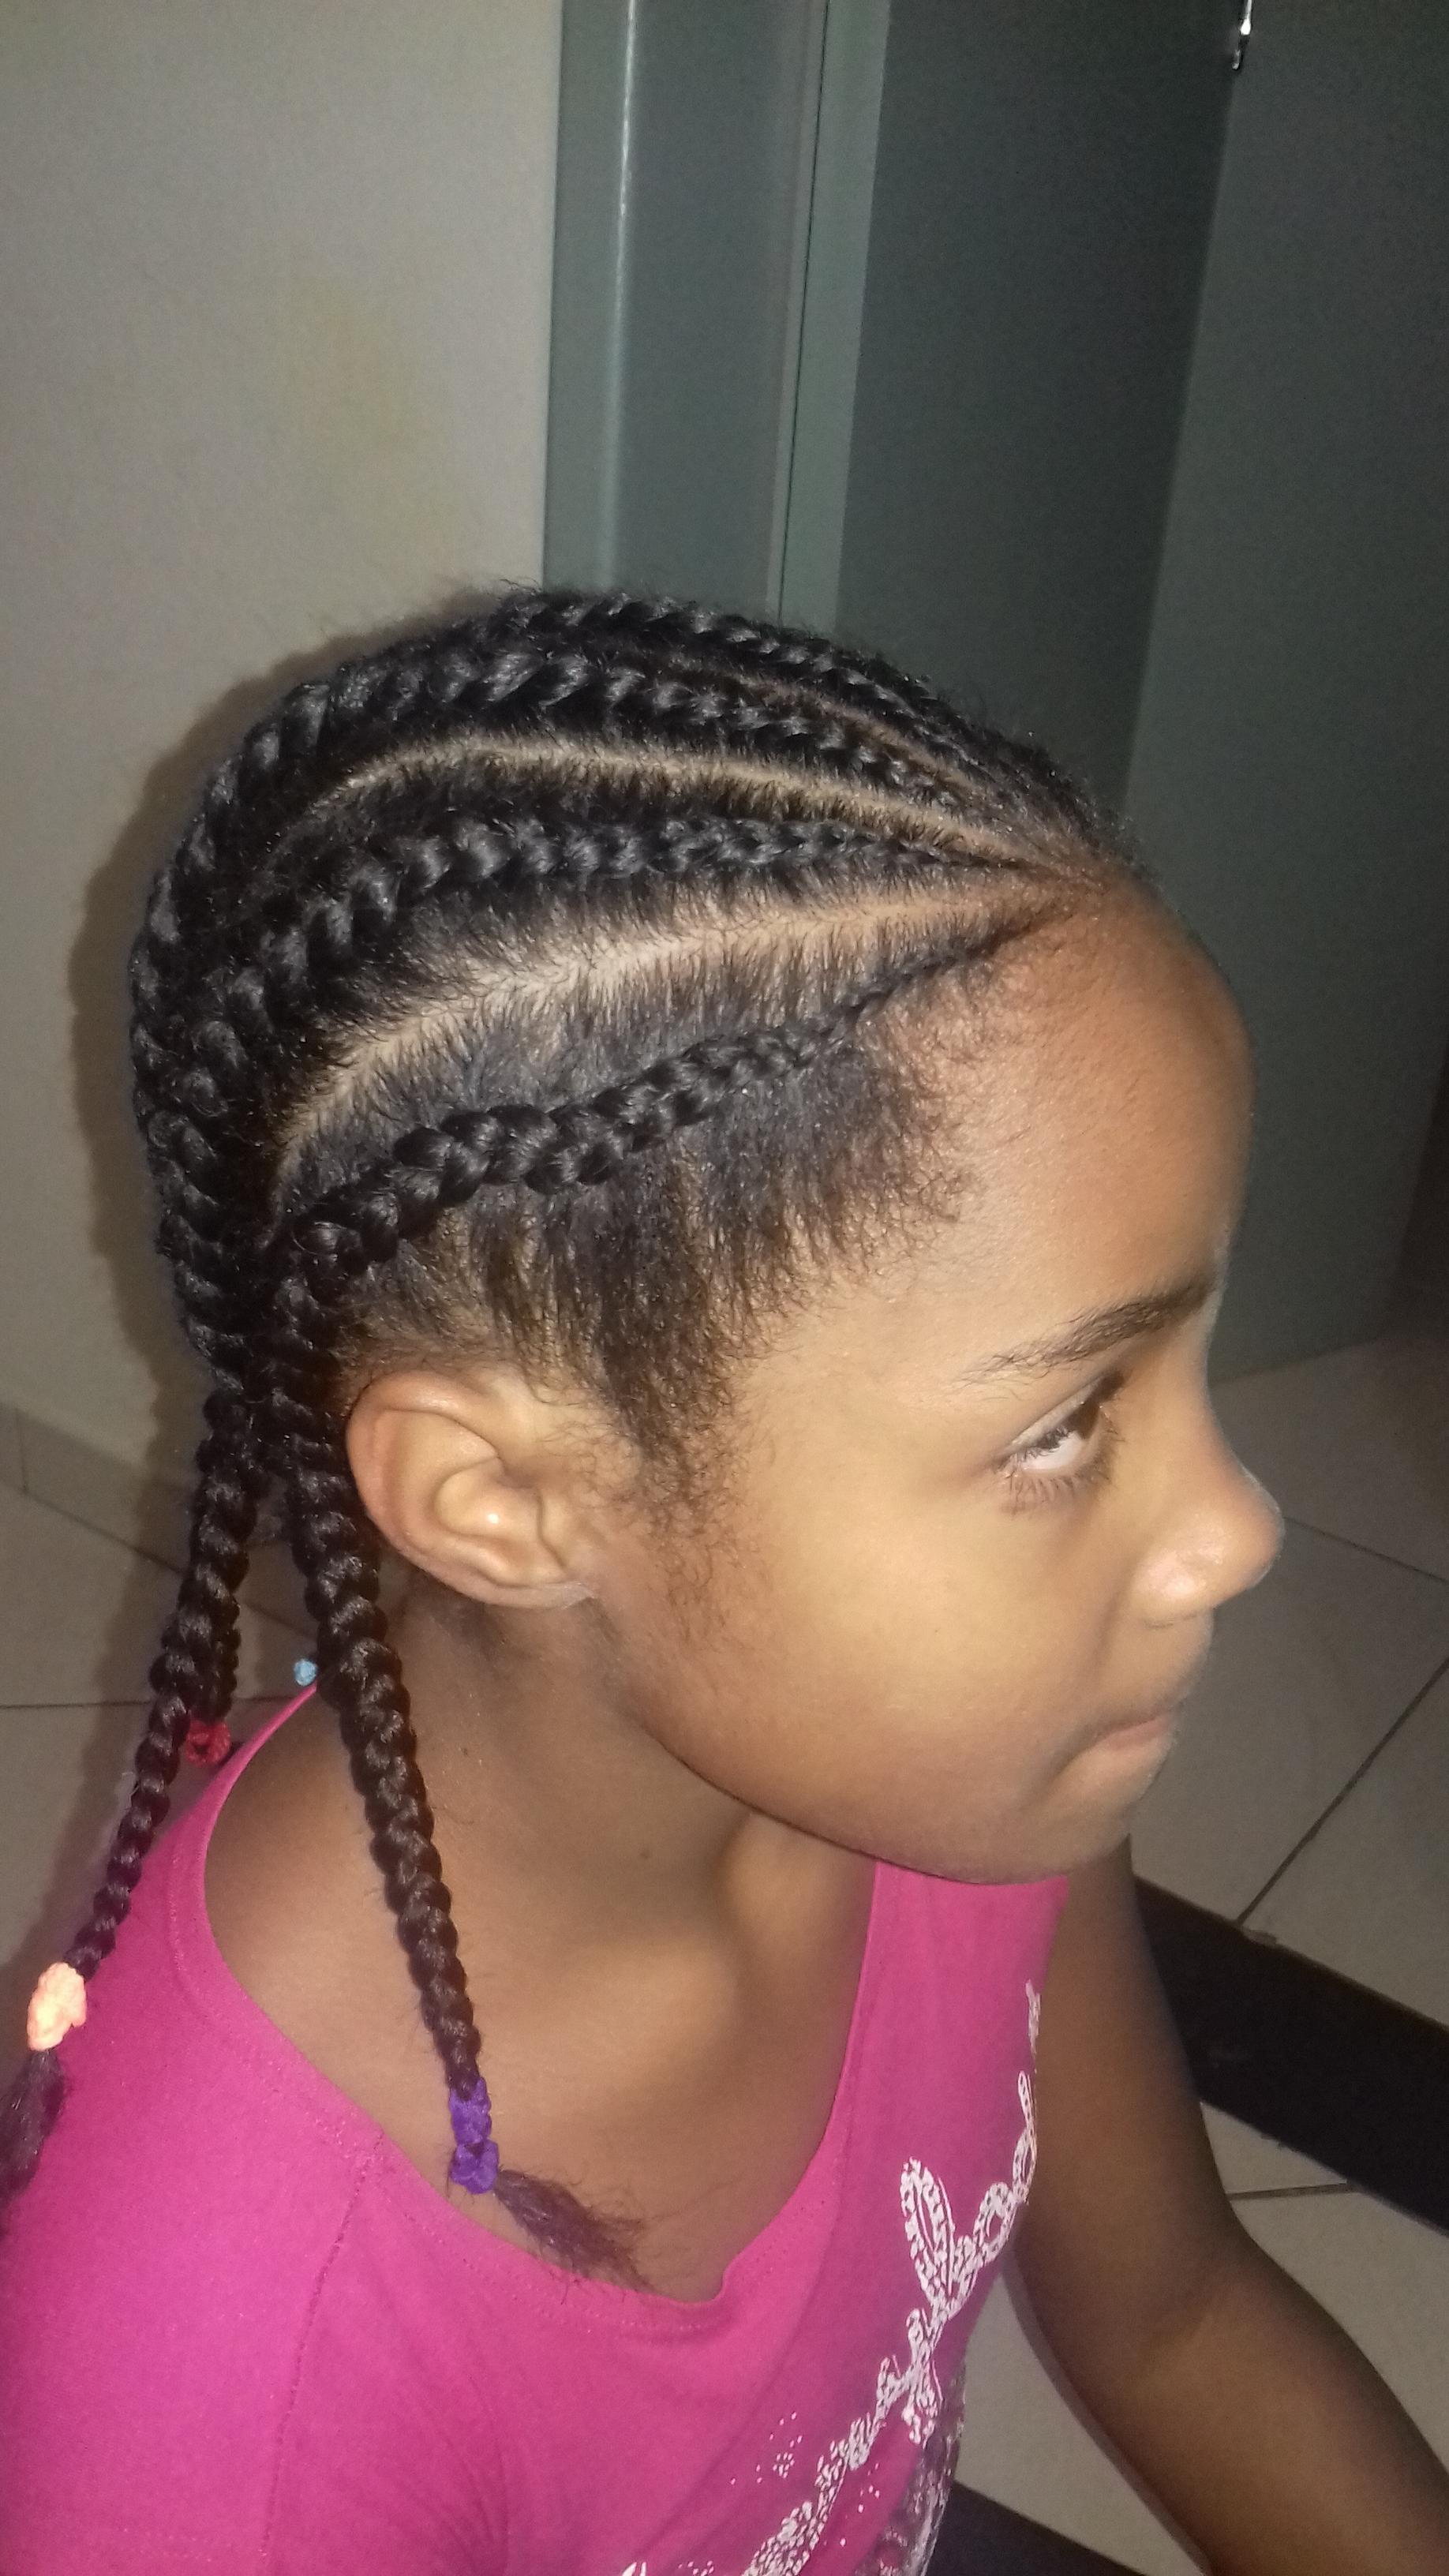 #atitude  #fofura  #bom gosto  cabelo manicure e pedicure maquiador(a) auxiliar cabeleireiro(a)